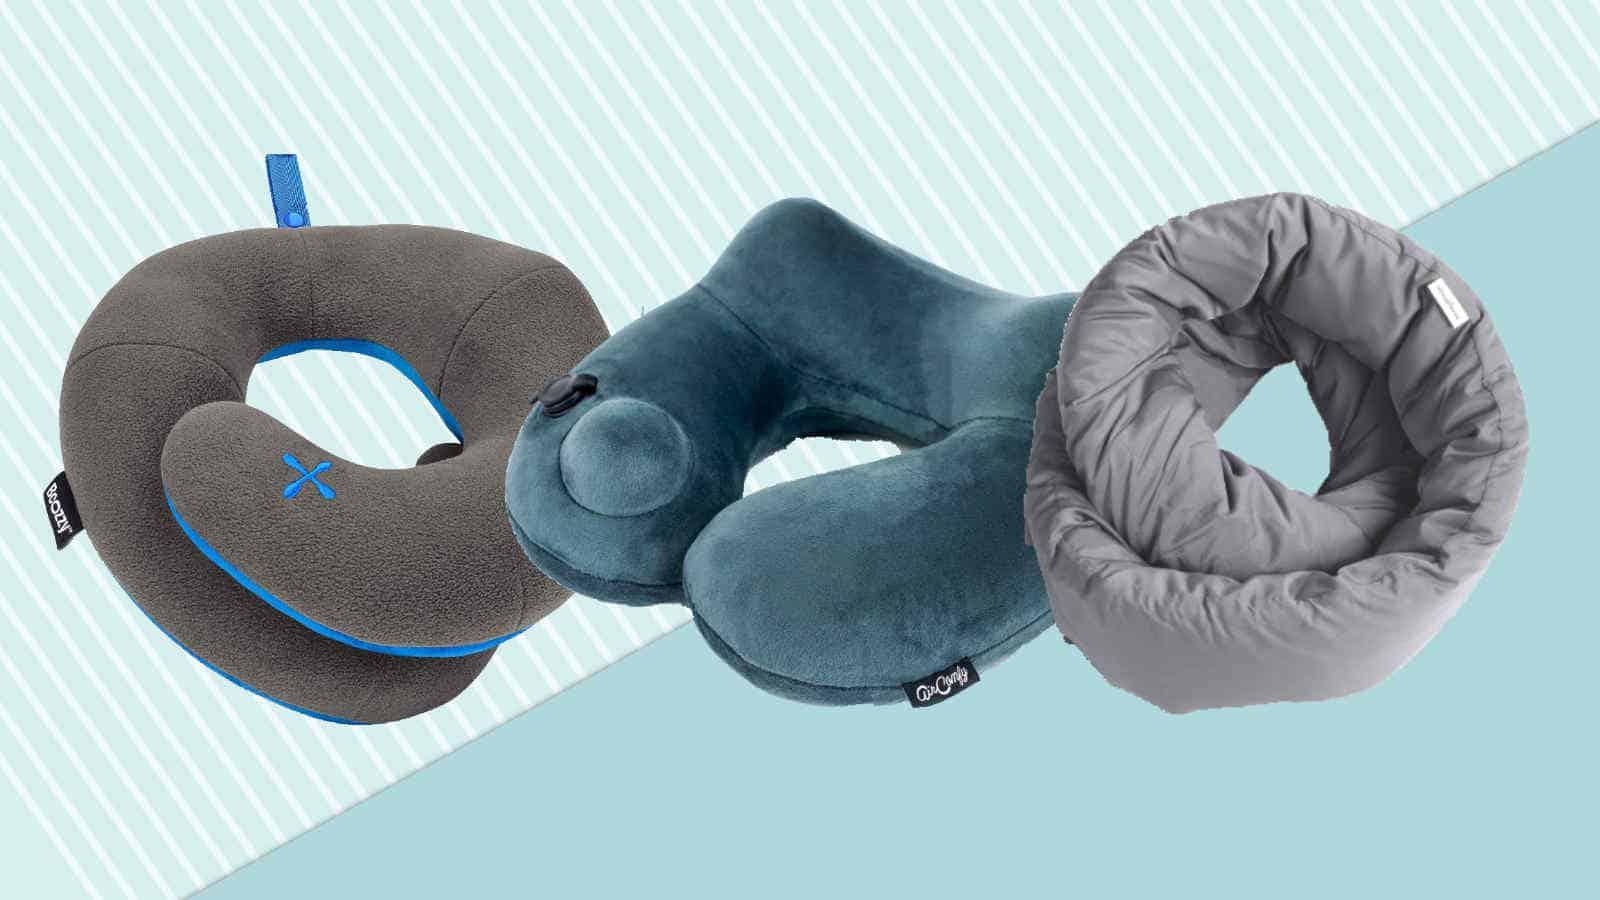 Nackenkissen Reise Kissen aufblasbar Nackenhörnchen Flugzeug Kopf Schlaf Kissen